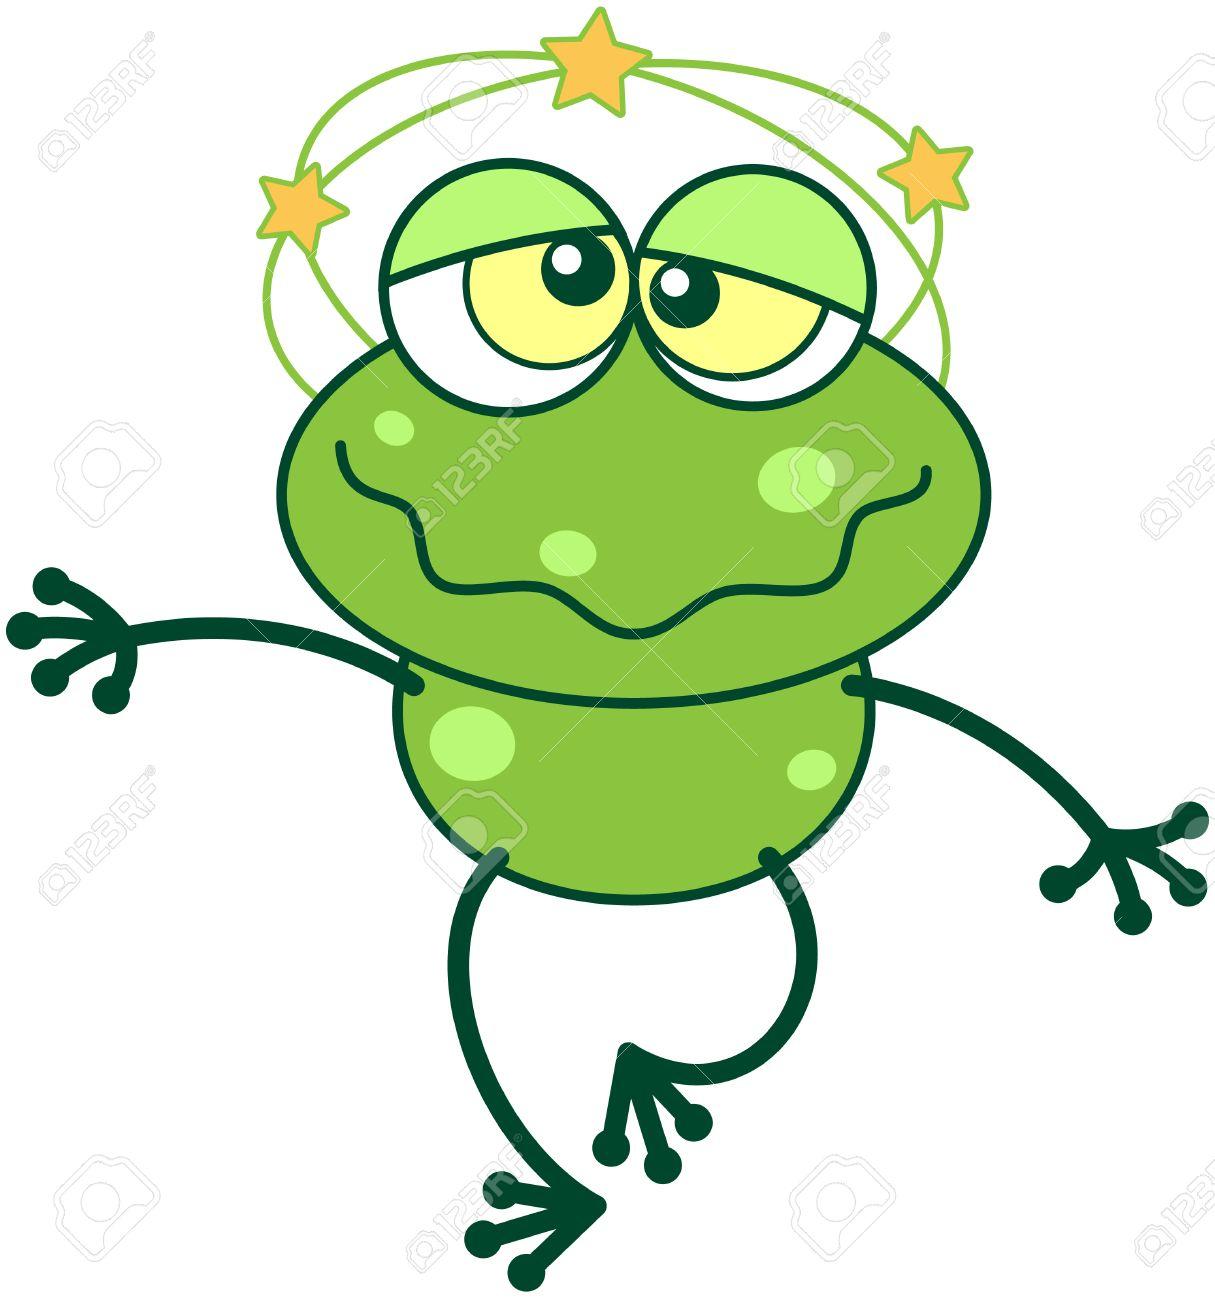 34998079-Grenouille-verte-mignonne-avec-de-longues-jambes-et-les-yeux-exorbit-s-dr-les-tout-en-se-sentant-tou-Banque-d'images